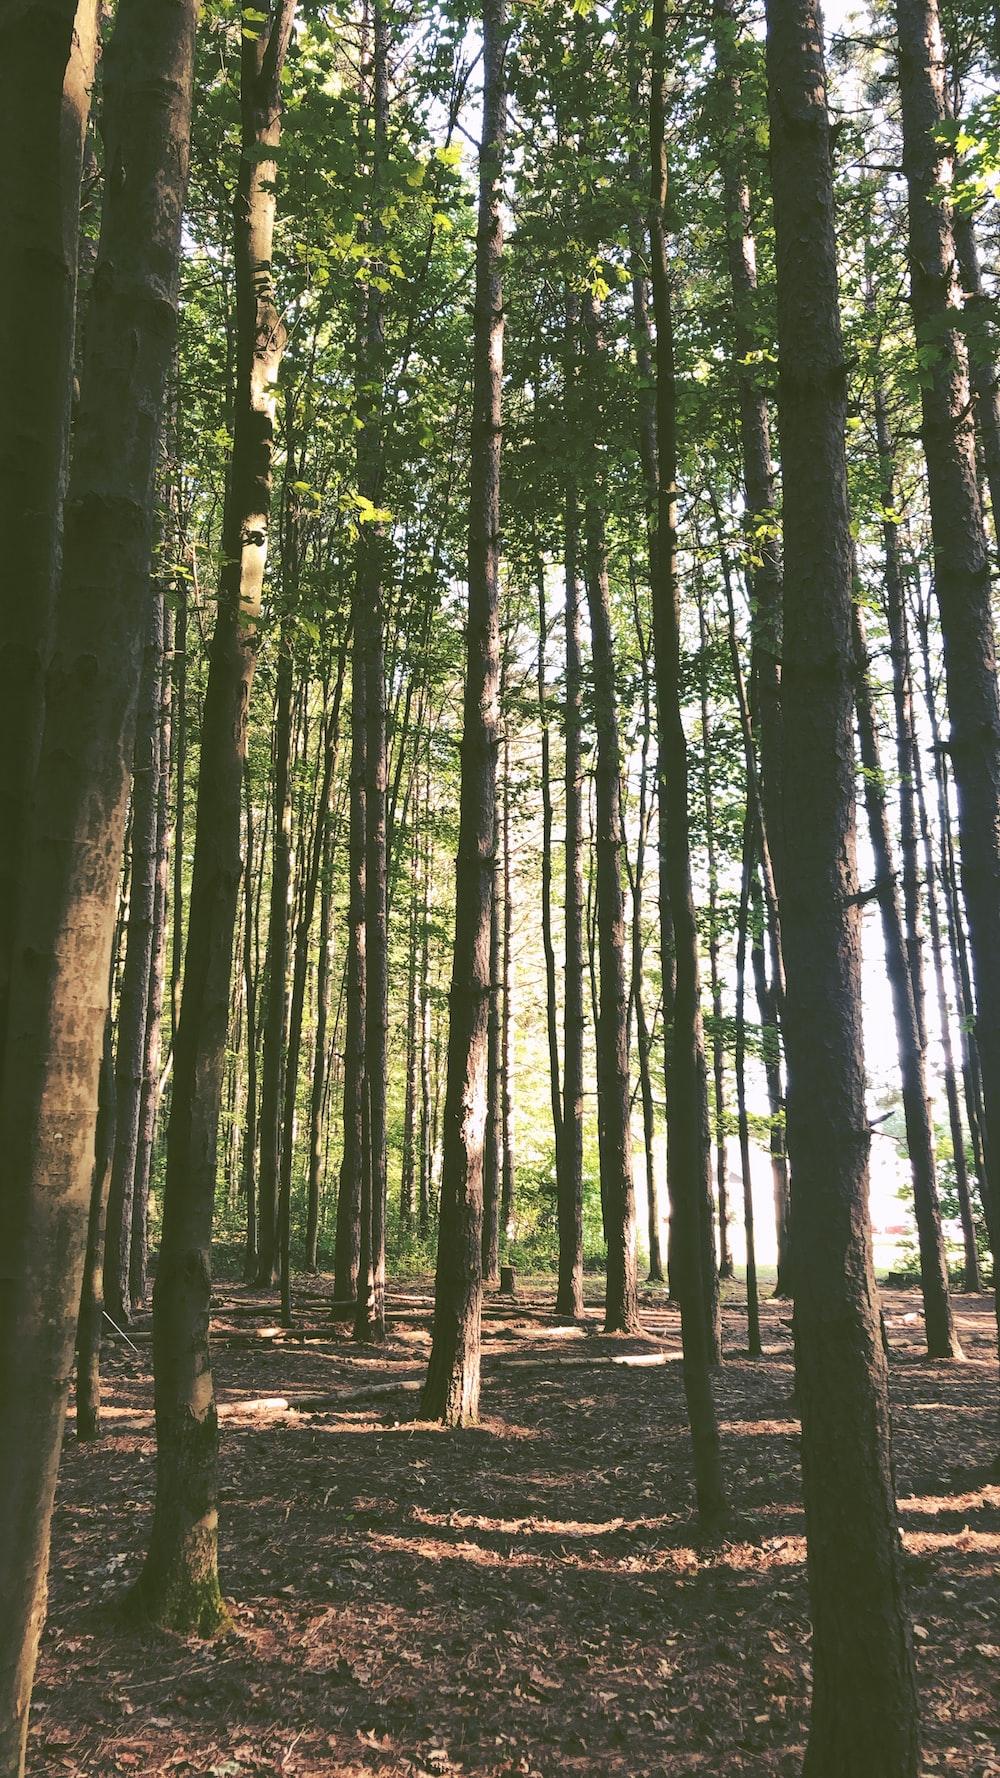 brown tree lot during daytime